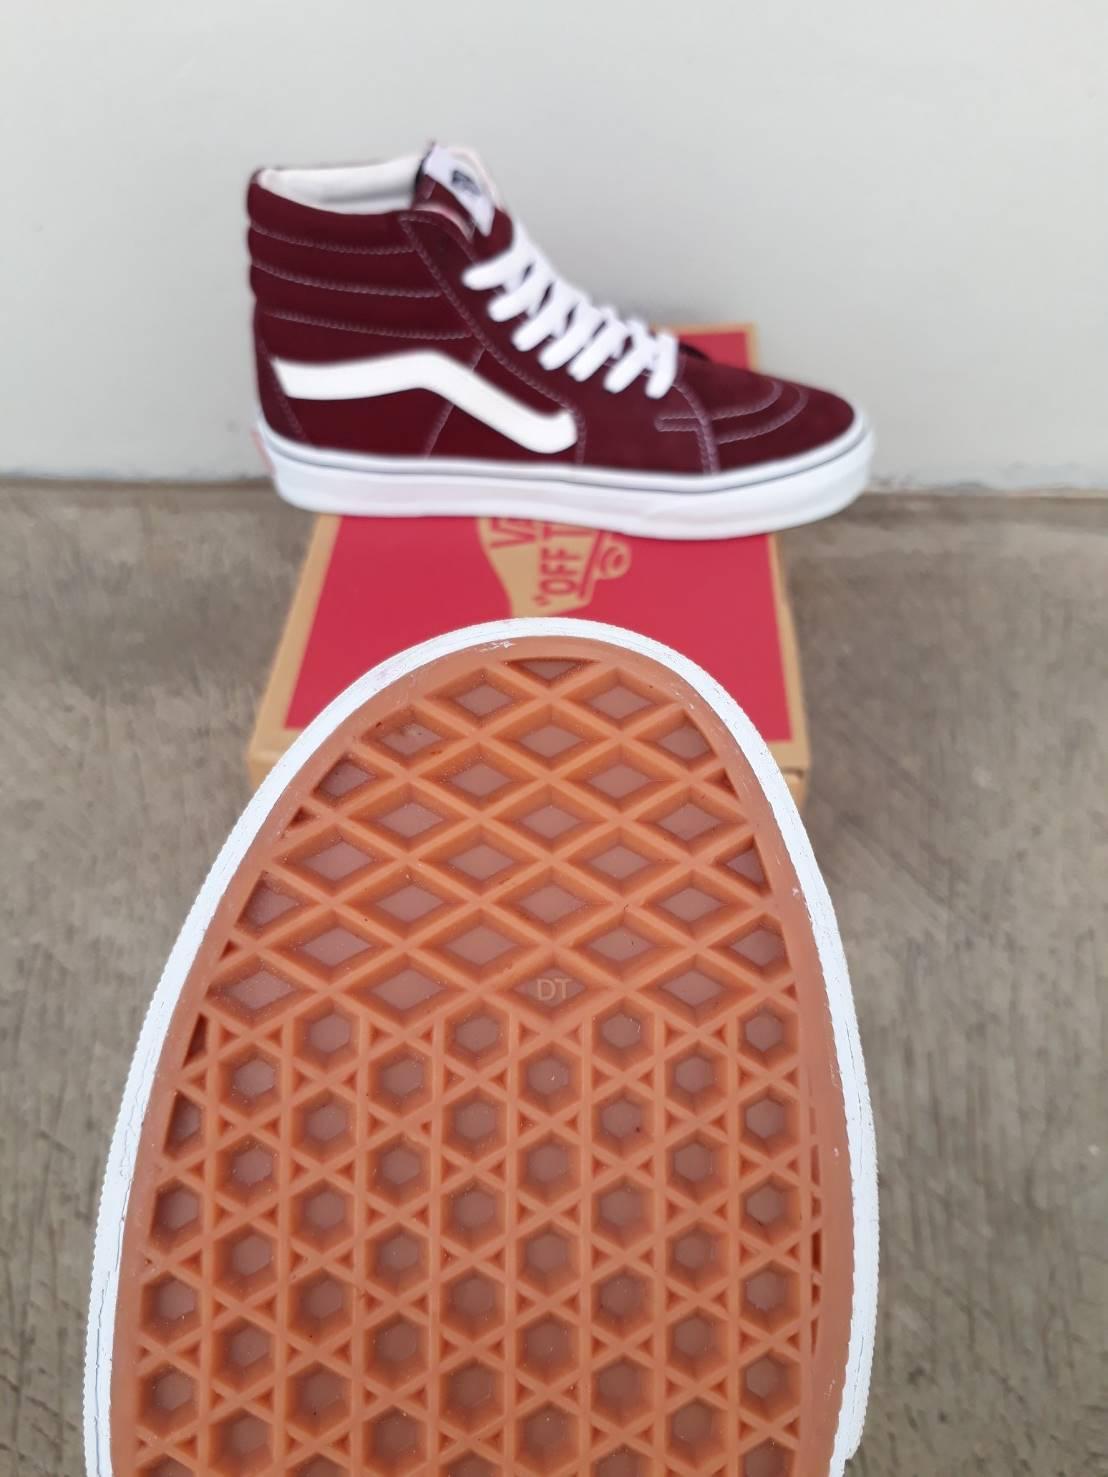 Katalog Vans Old Skool Port Royale 2018 Sepatu Sneakers Sk8 Bones Wtaps Icc Hi Wafle Dt